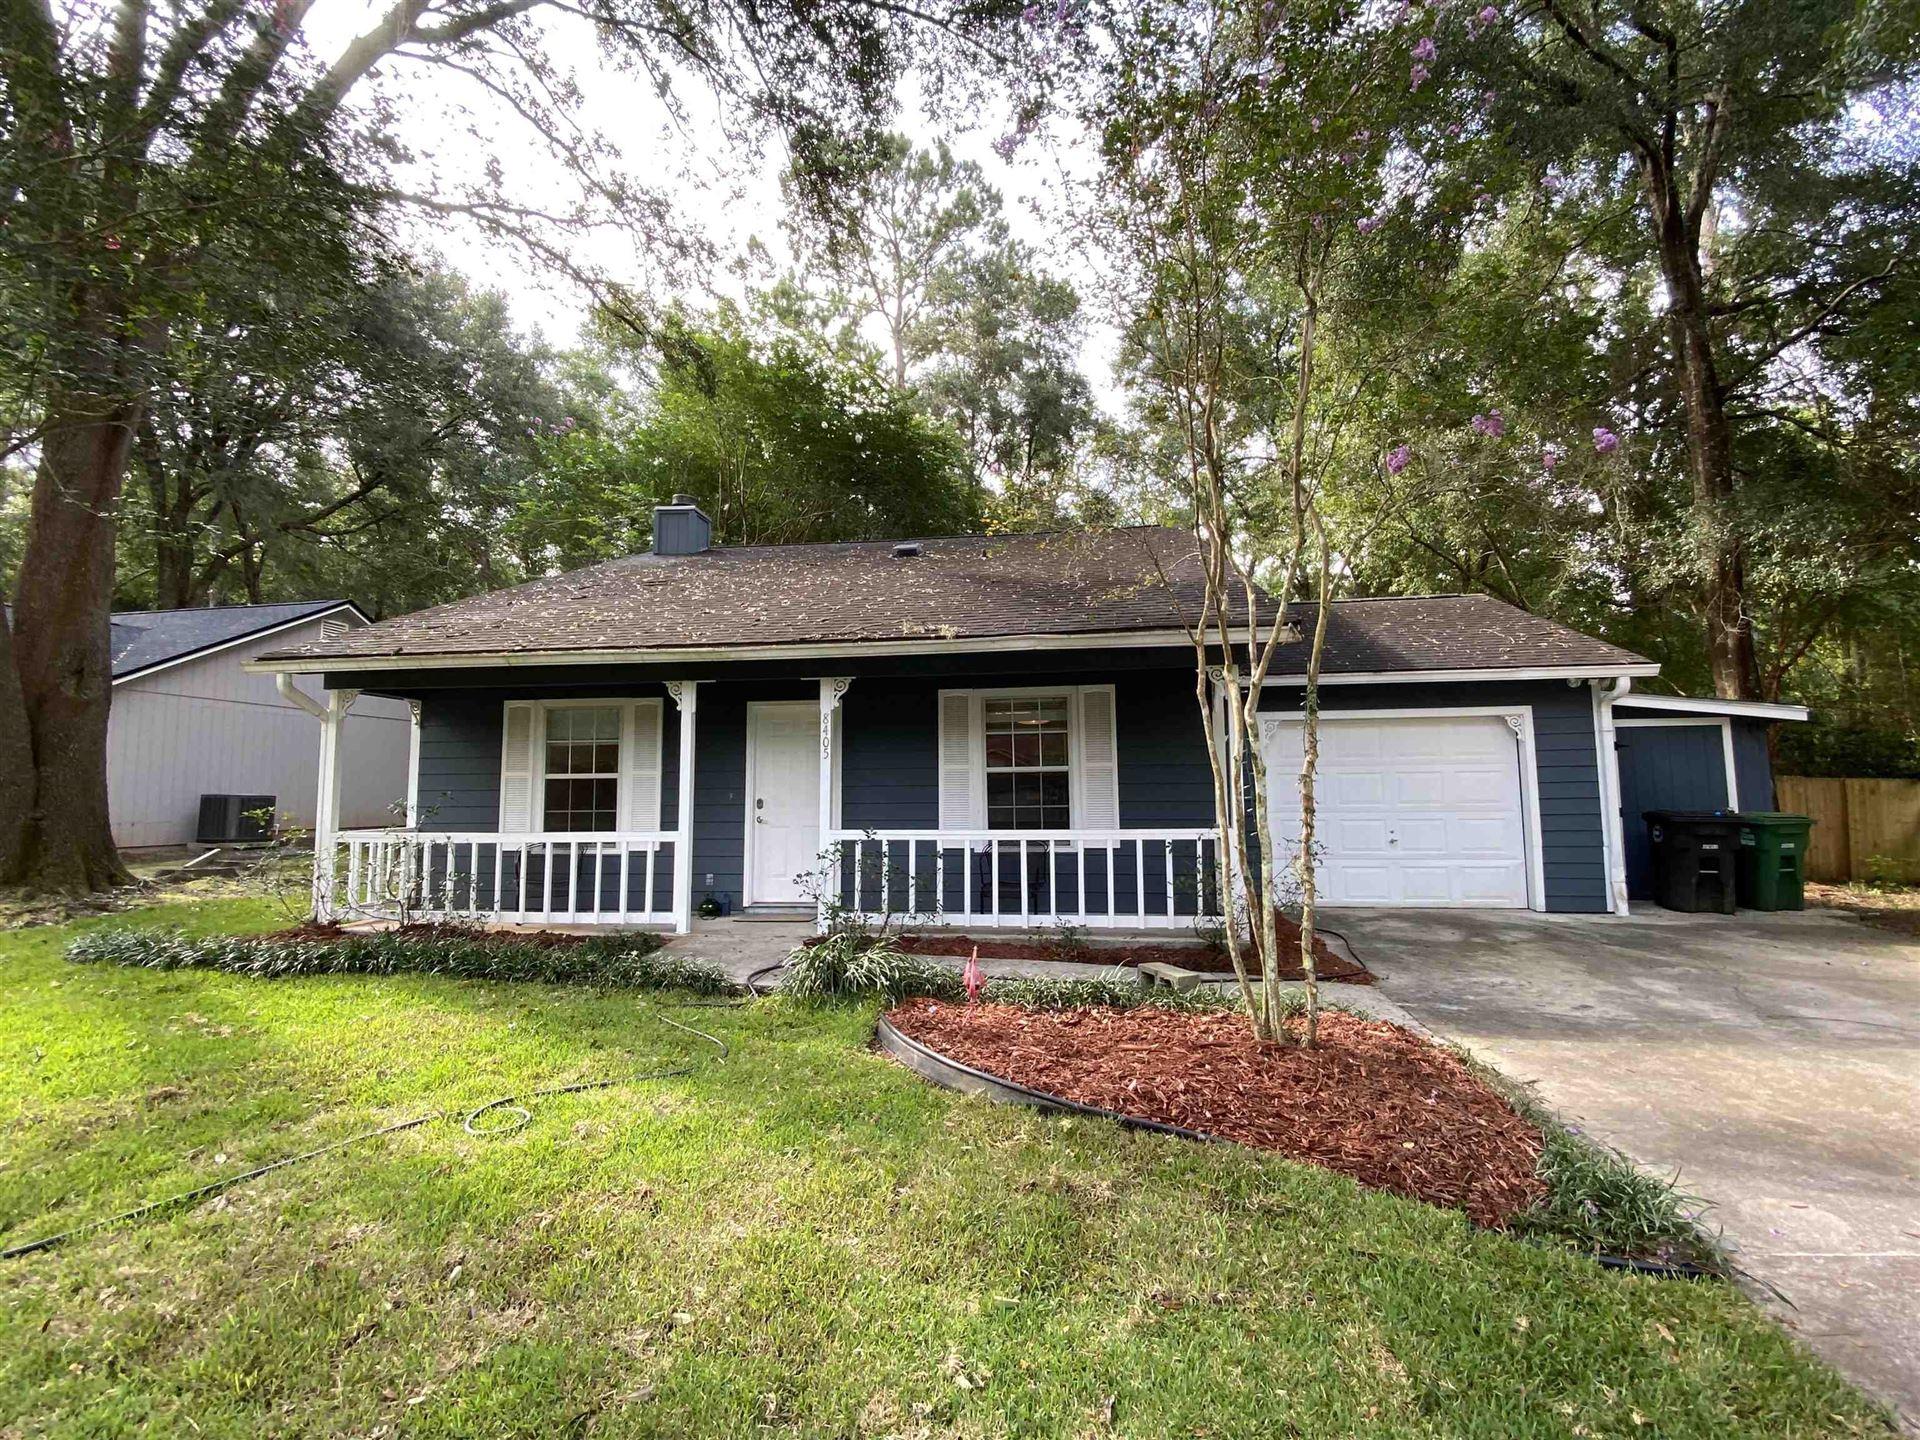 8405 Olde Post Rd, Tallahassee, FL 32311 - MLS#: 335859